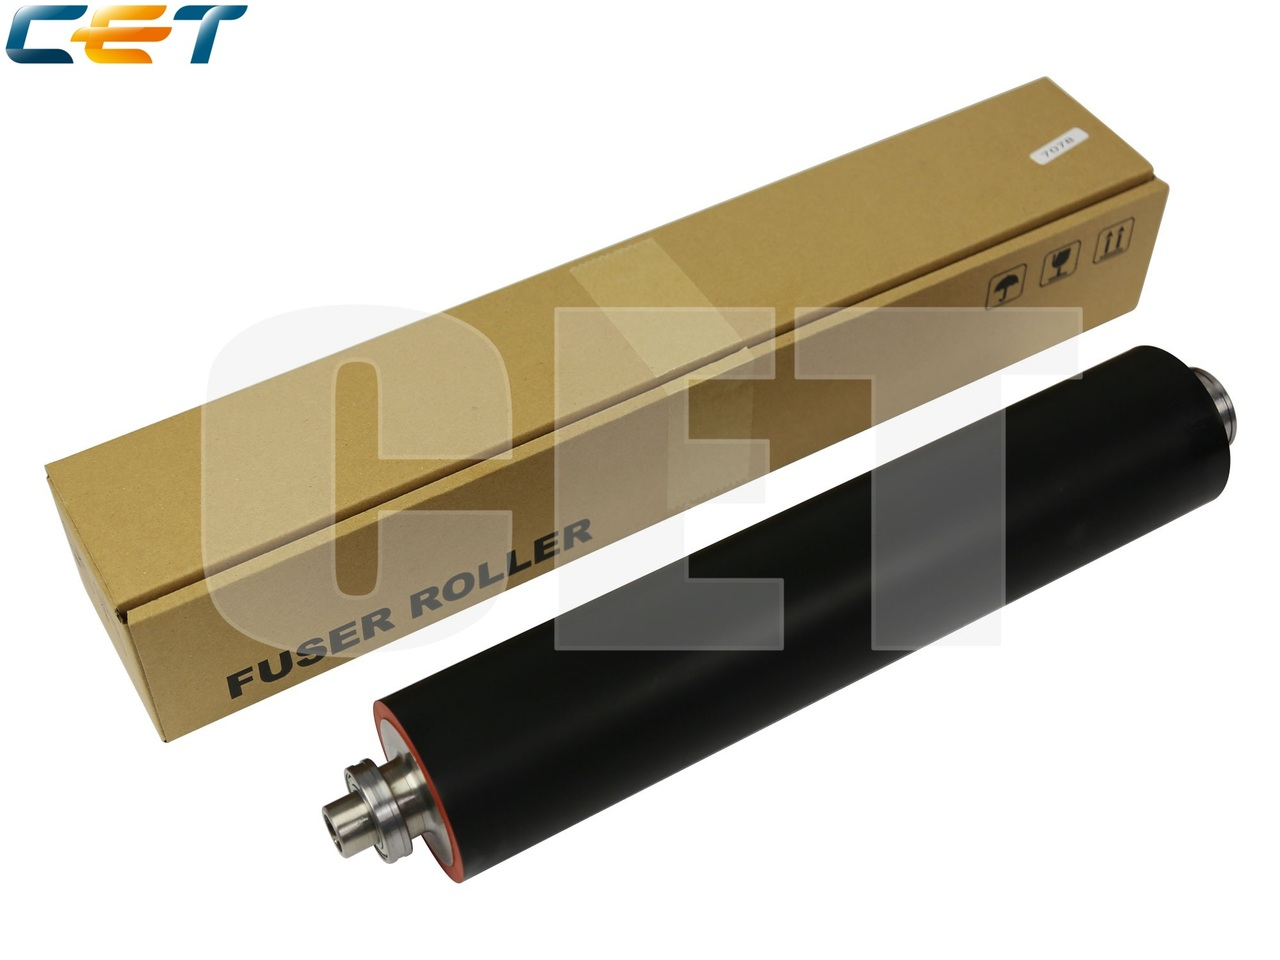 Резиновый вал с бушингами A0G6R70300, A4EUR70V00 дляKONICA MINOLTA Bizhub PRESS 1052/1250/1250P (CET),CET7078